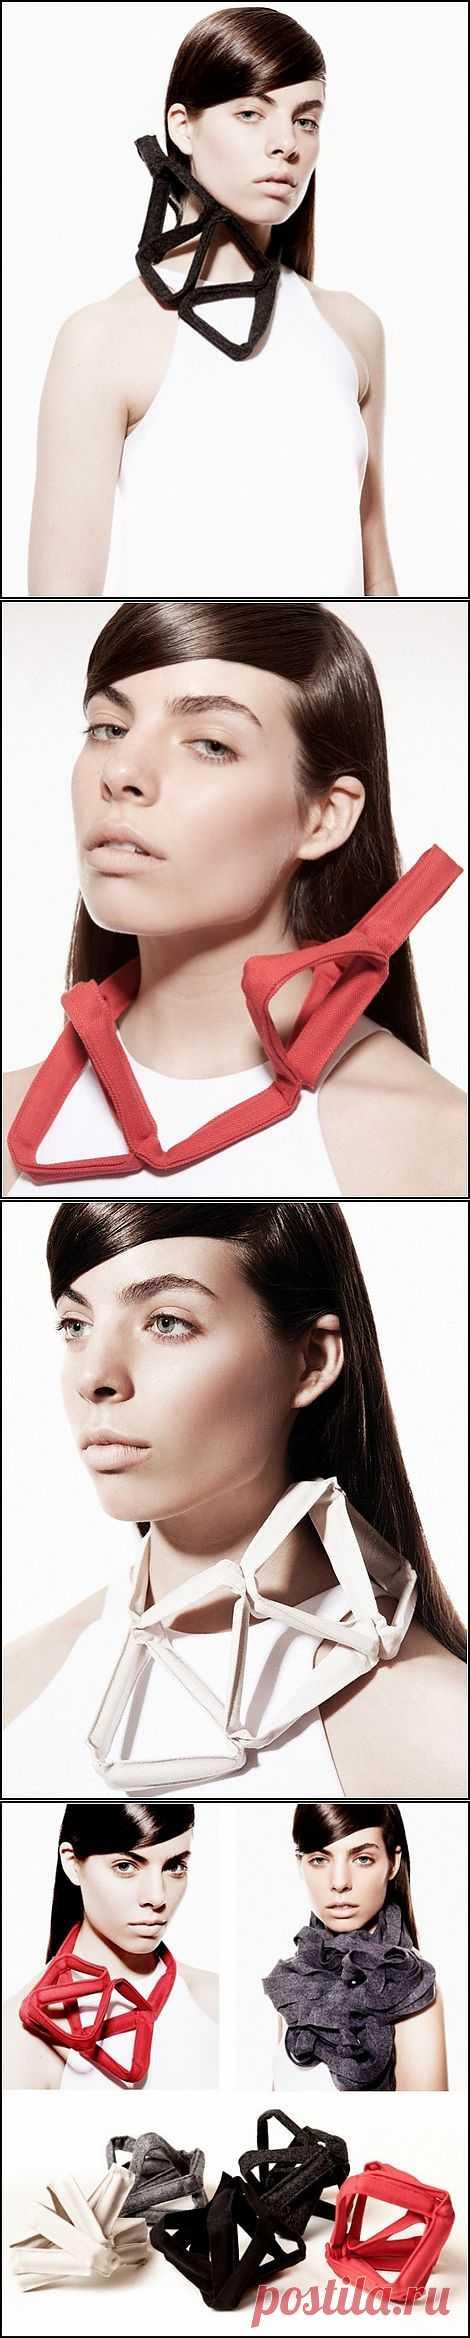 И бусы, и шарф, и браслет / Аксессуары (не украшения) / Модный сайт о стильной переделке одежды и интерьера